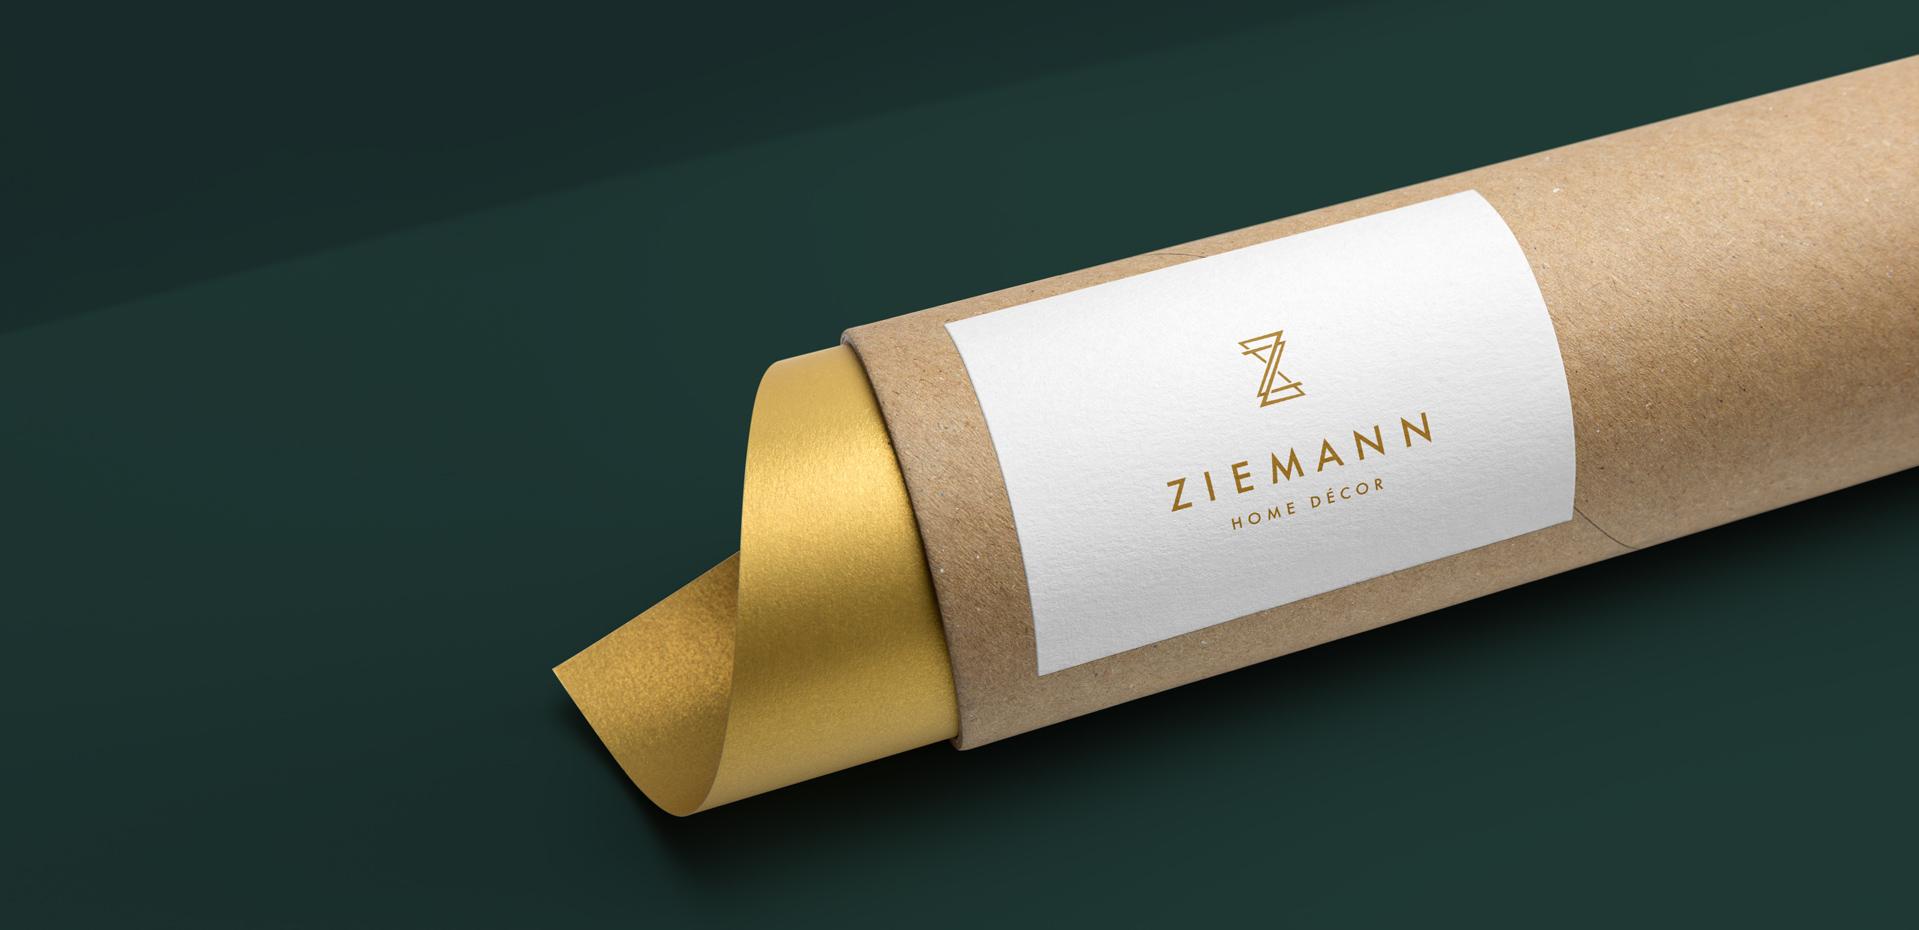 IDENTYFIKACJA WIZUALNA premium Ziemann Home Decor